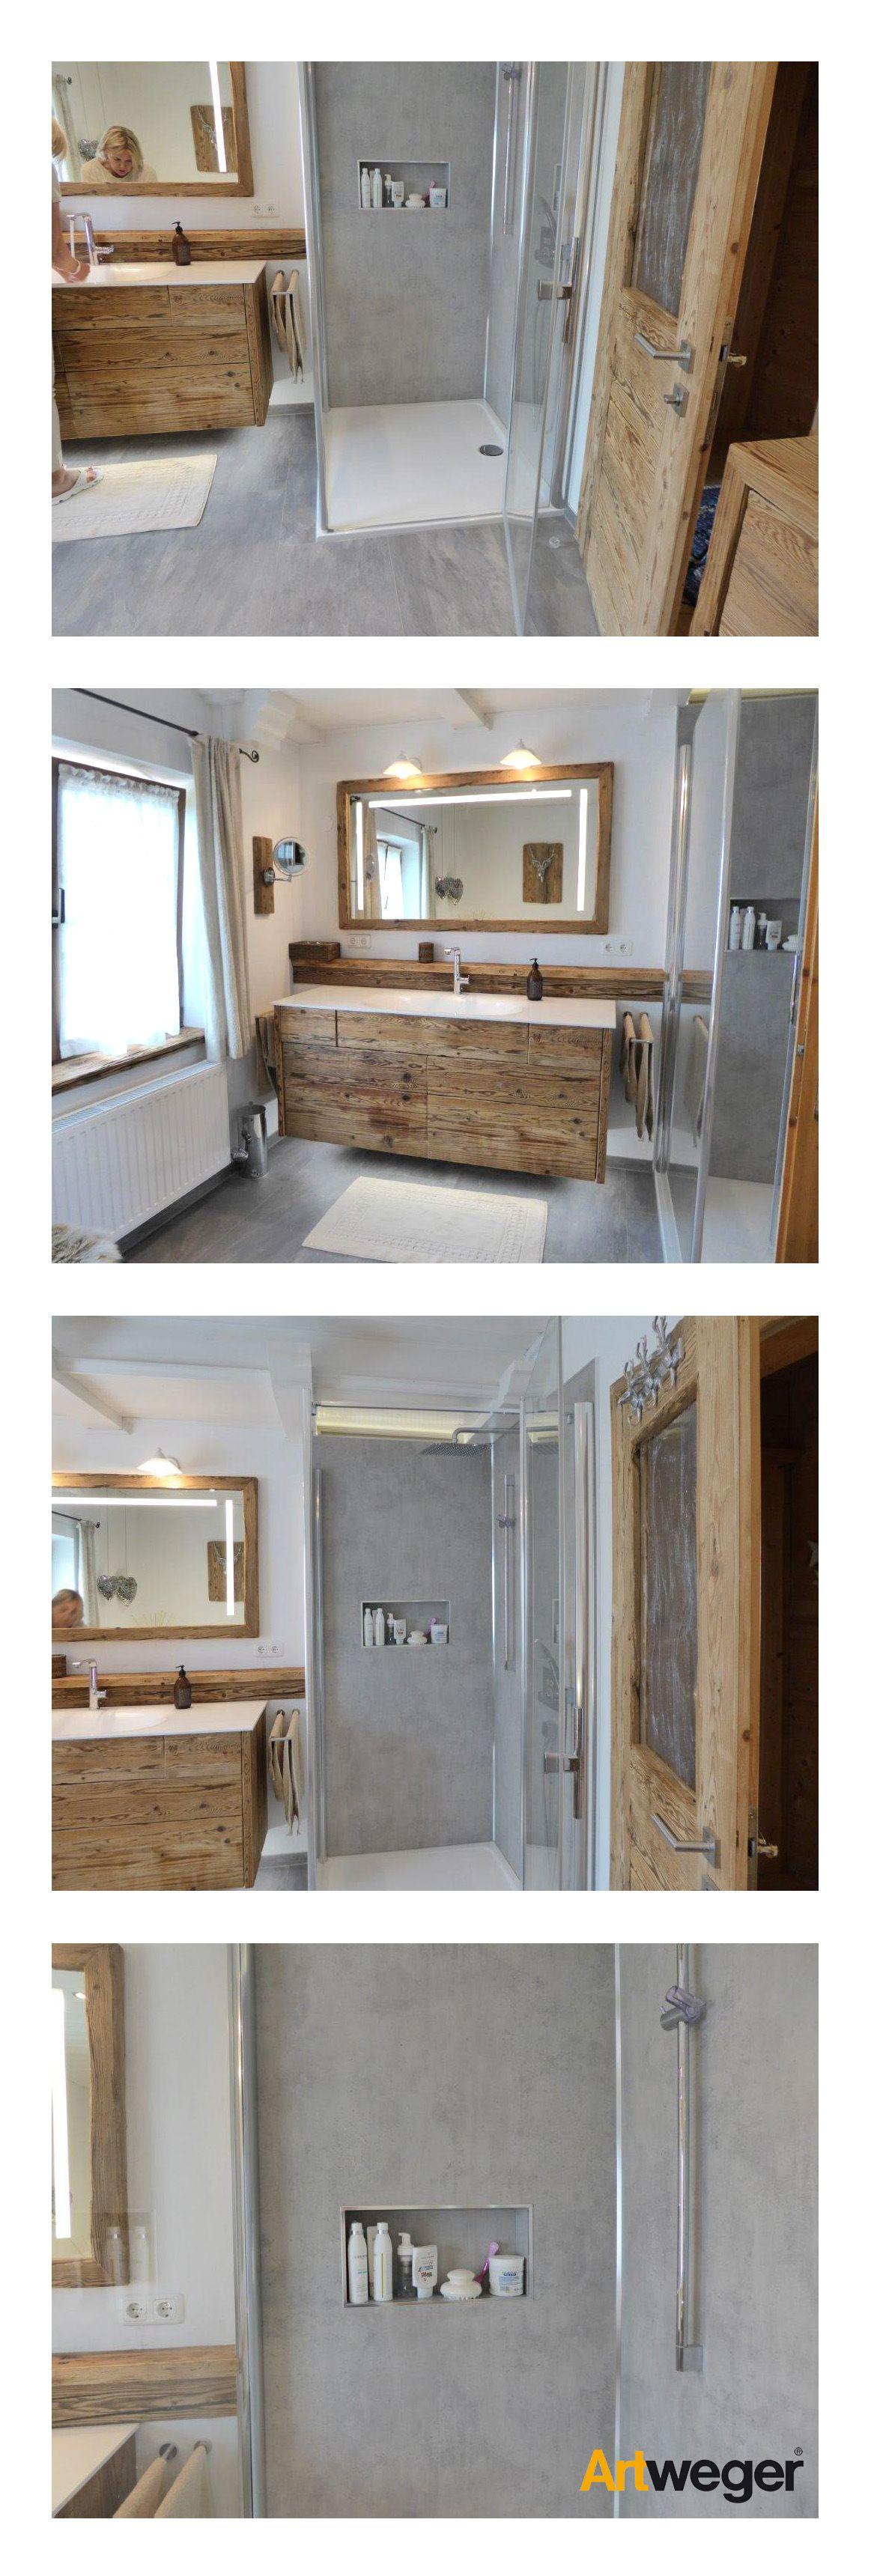 Rénovation réussie de la salle de bain avec douche Artweger TWISTLINE, panneaux muraux ART …